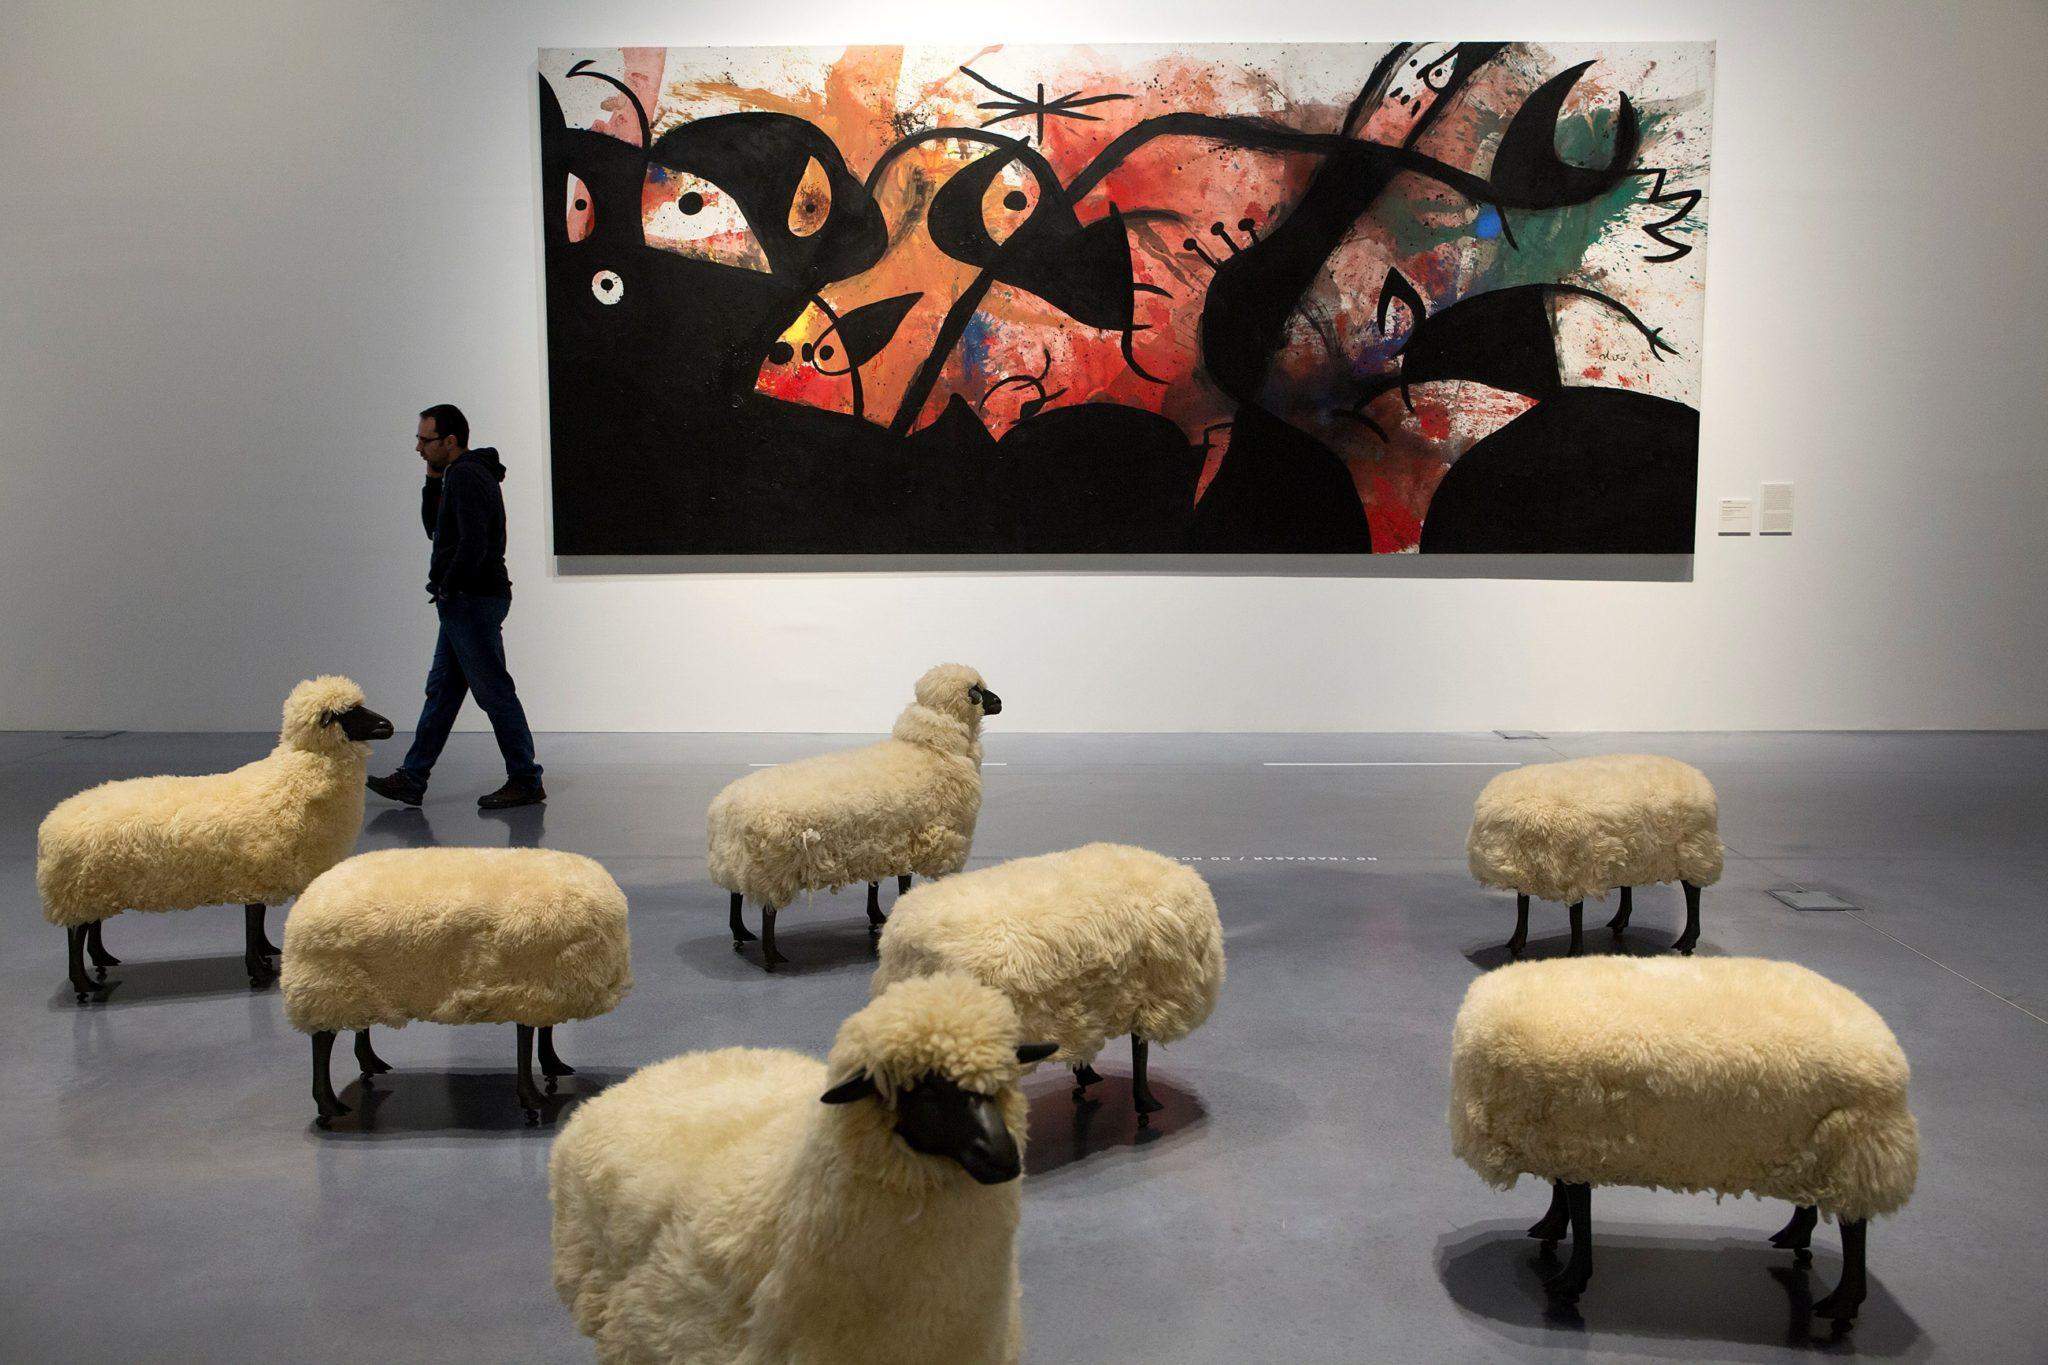 Wystawa w Maladze w Hiszpanii, fot: Daniel Perez, PAP